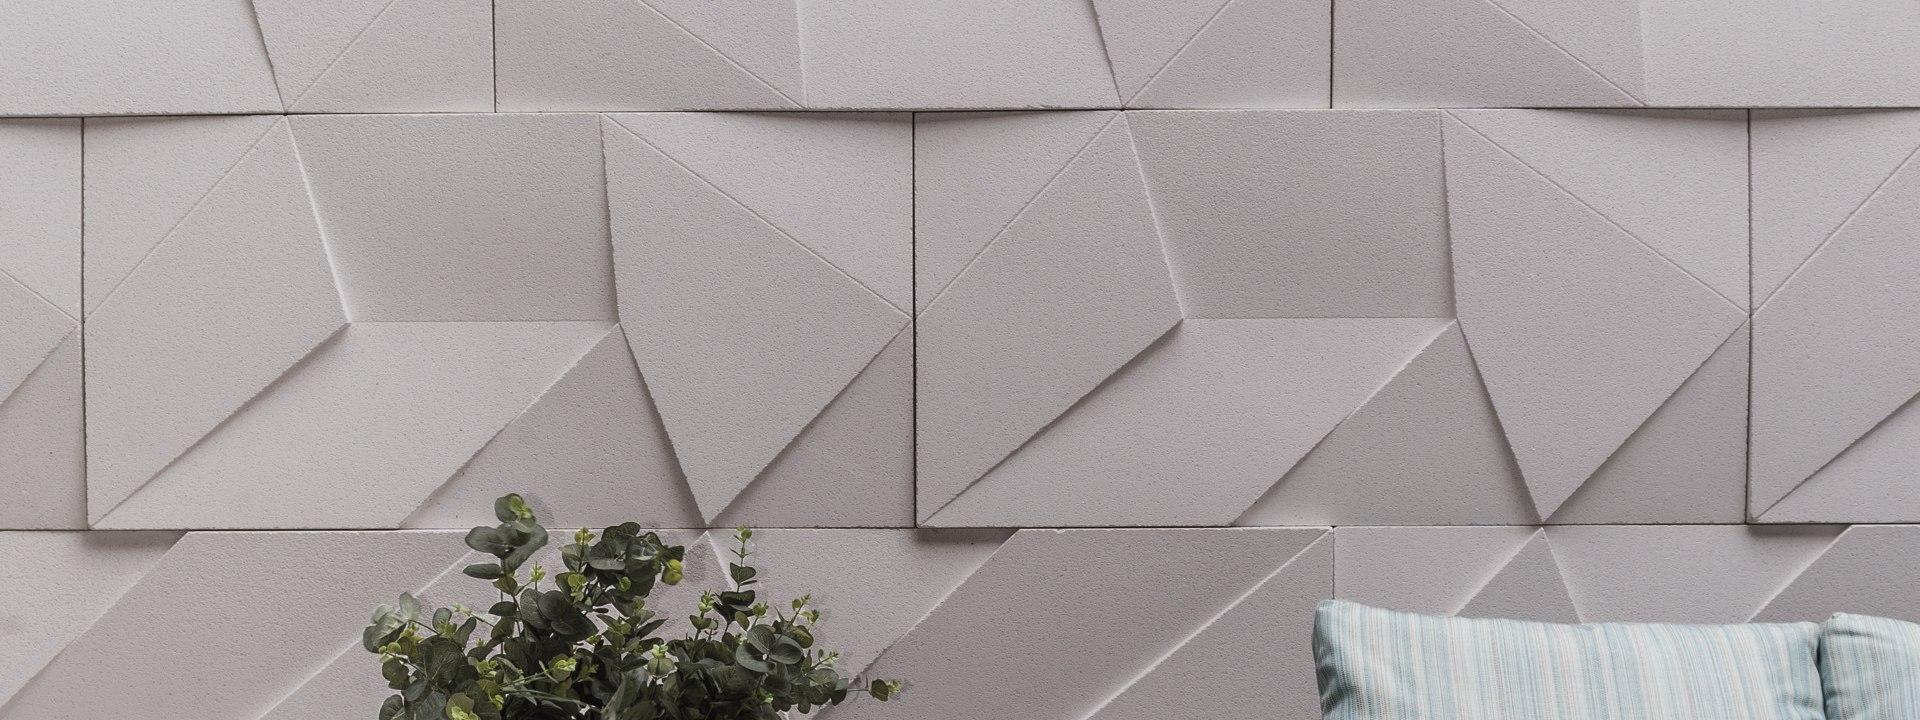 Wandfliese SCALENO aus Beton - Achitekturbeton von GODELMANN